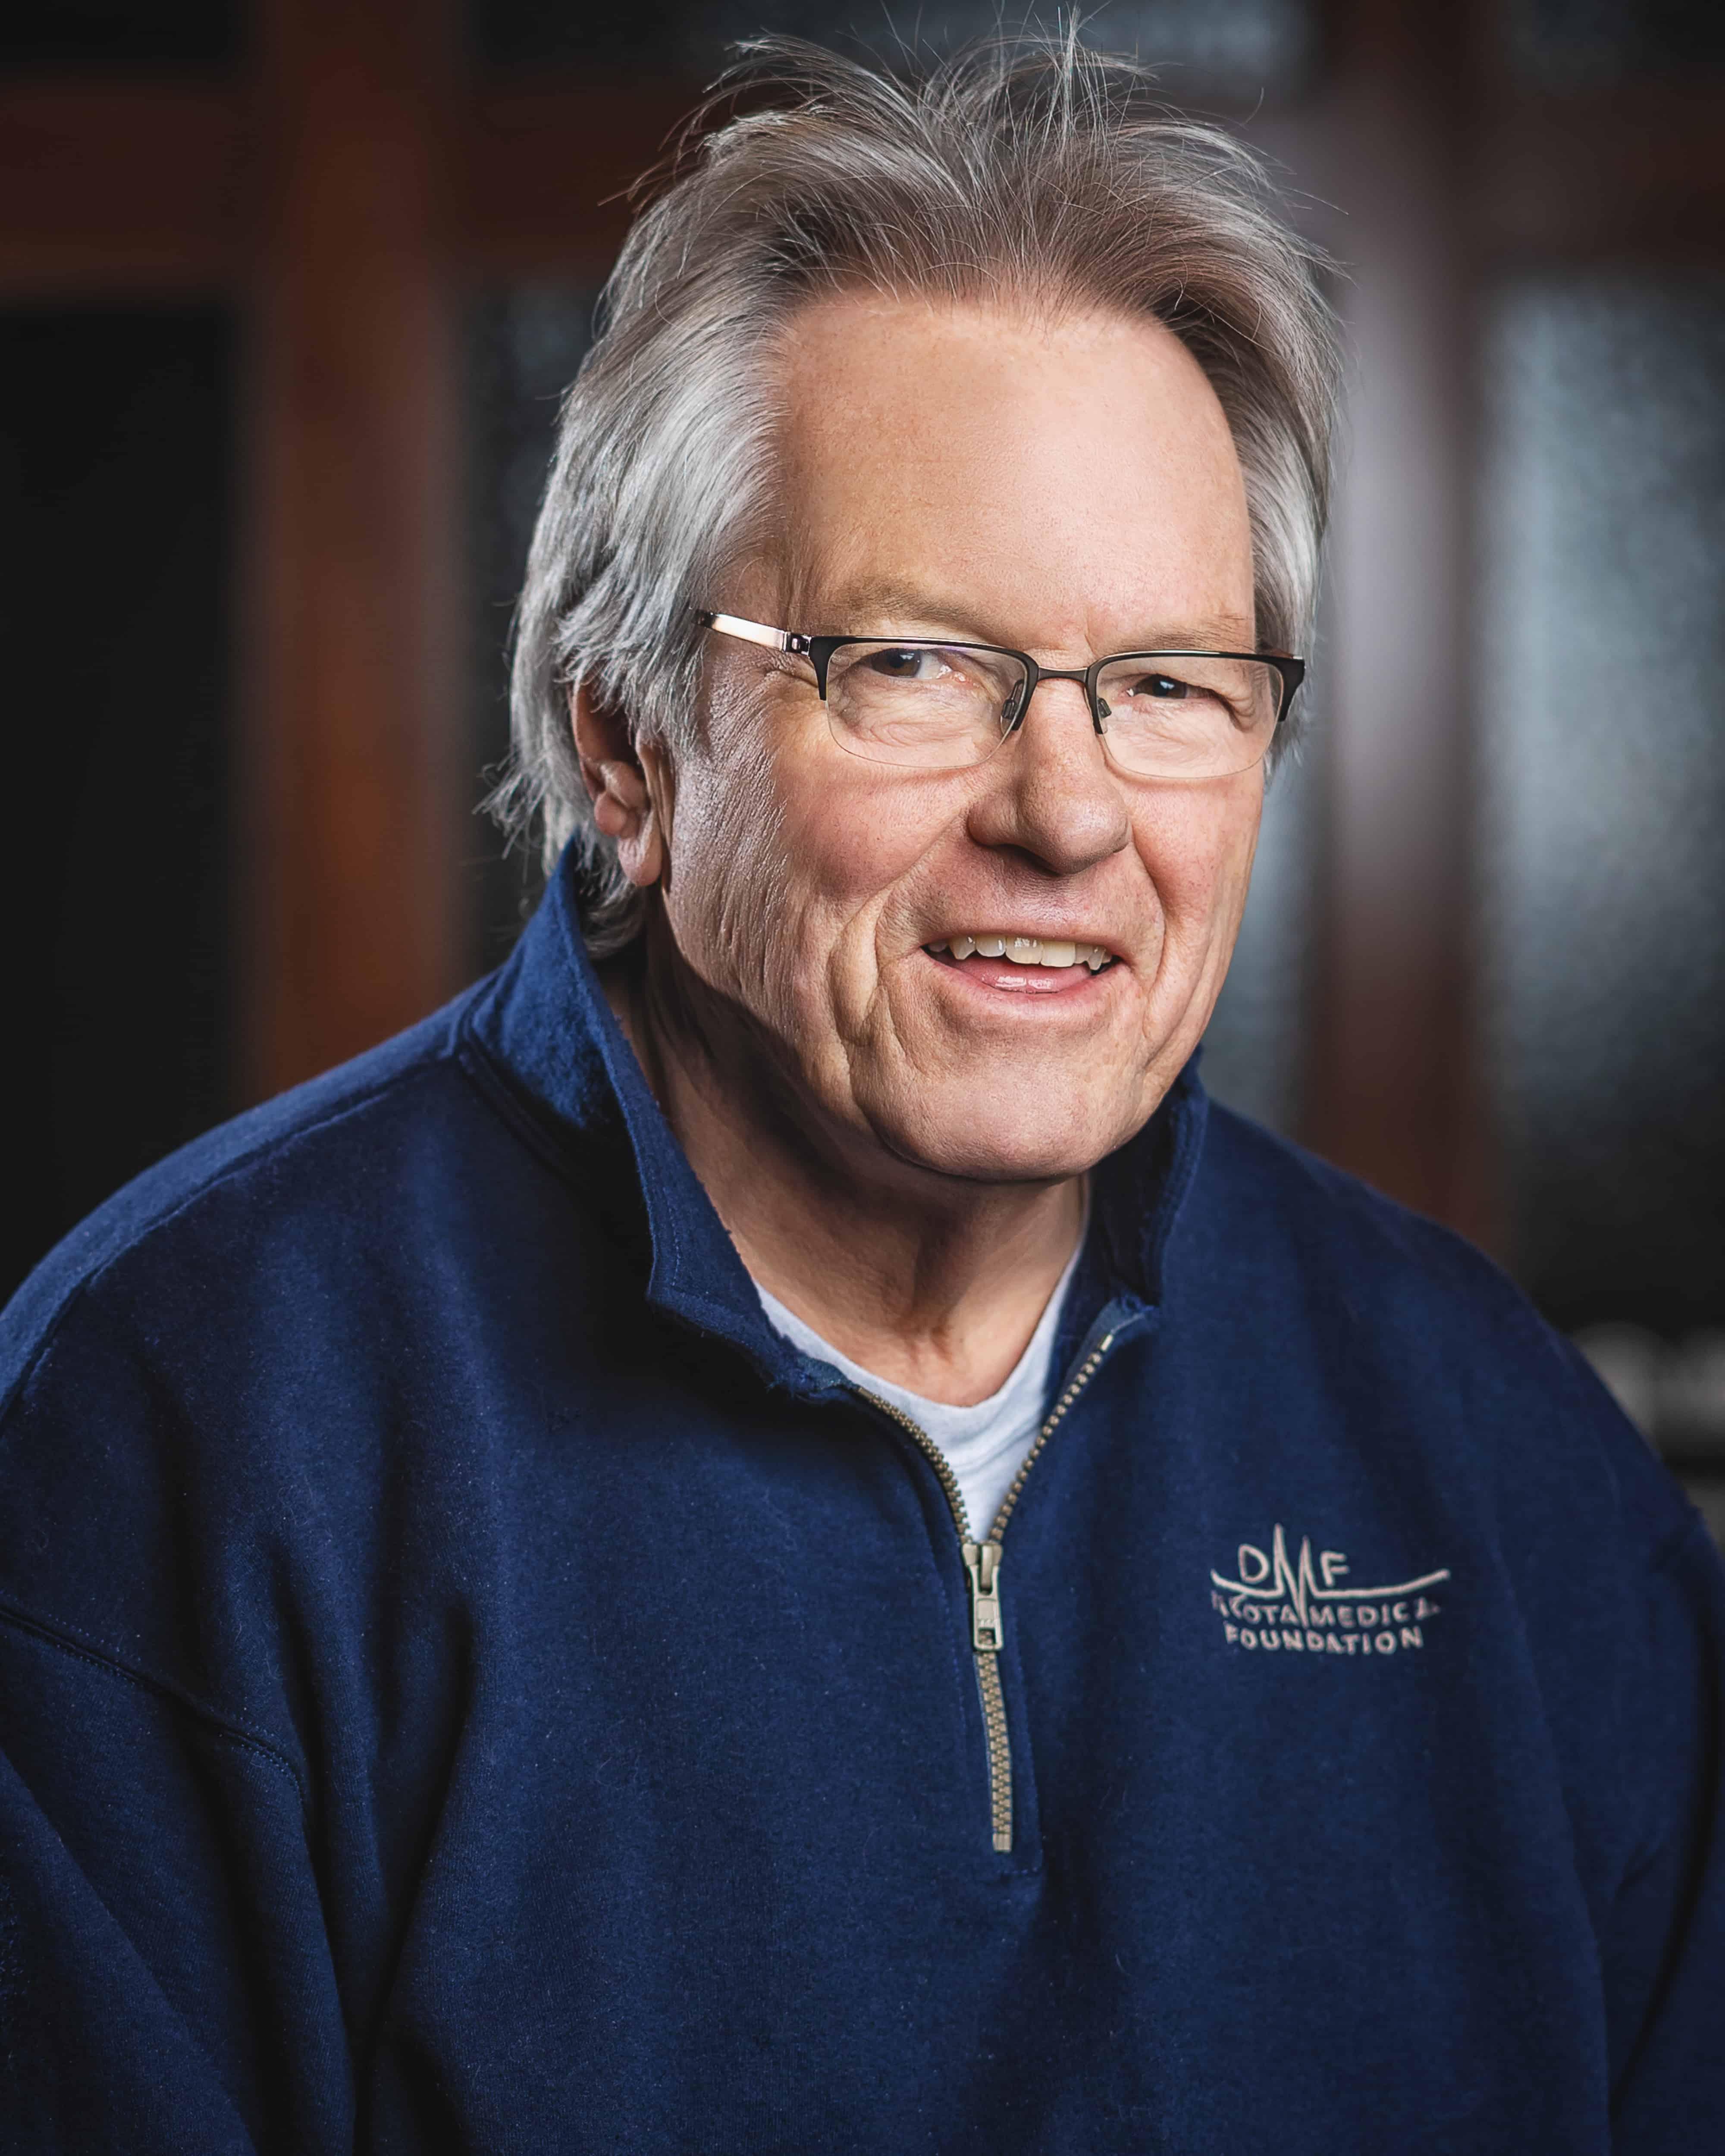 Eric Monson, DMF Board Member